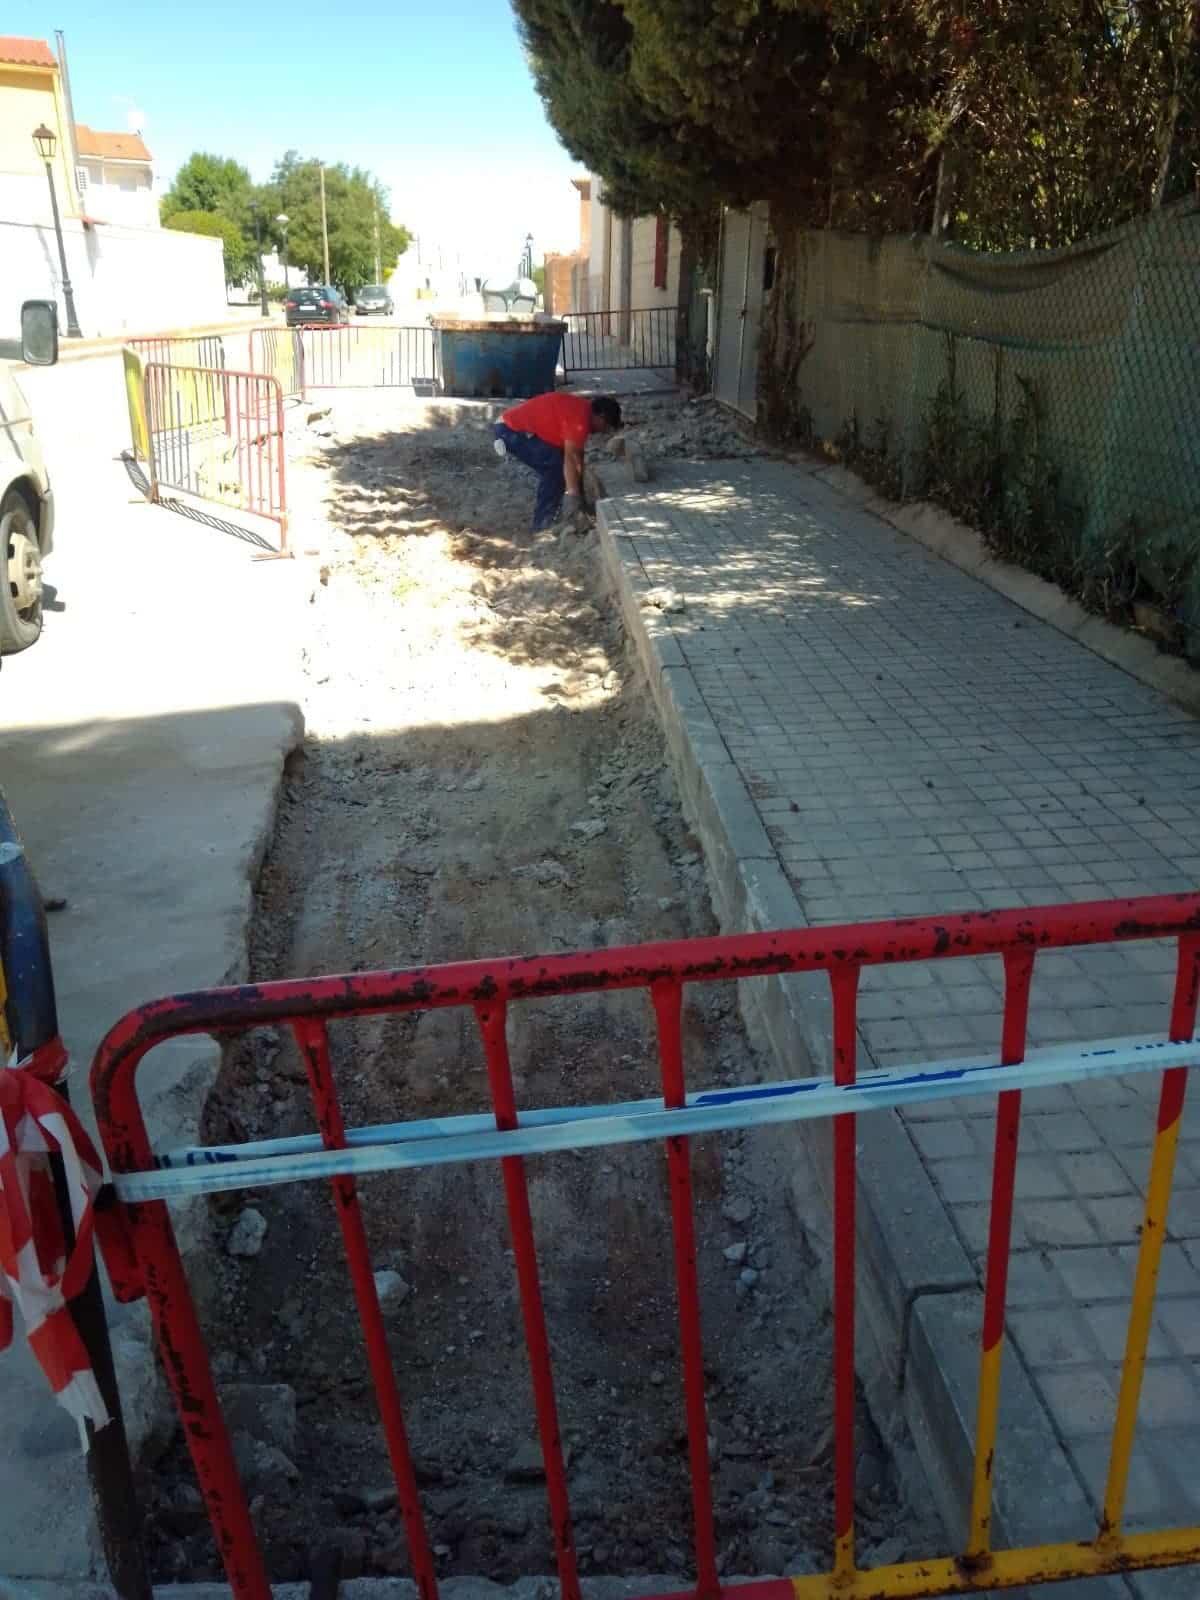 obras vias publicas herencia 1 - Continua la conservación de las vías públicas en Herencia